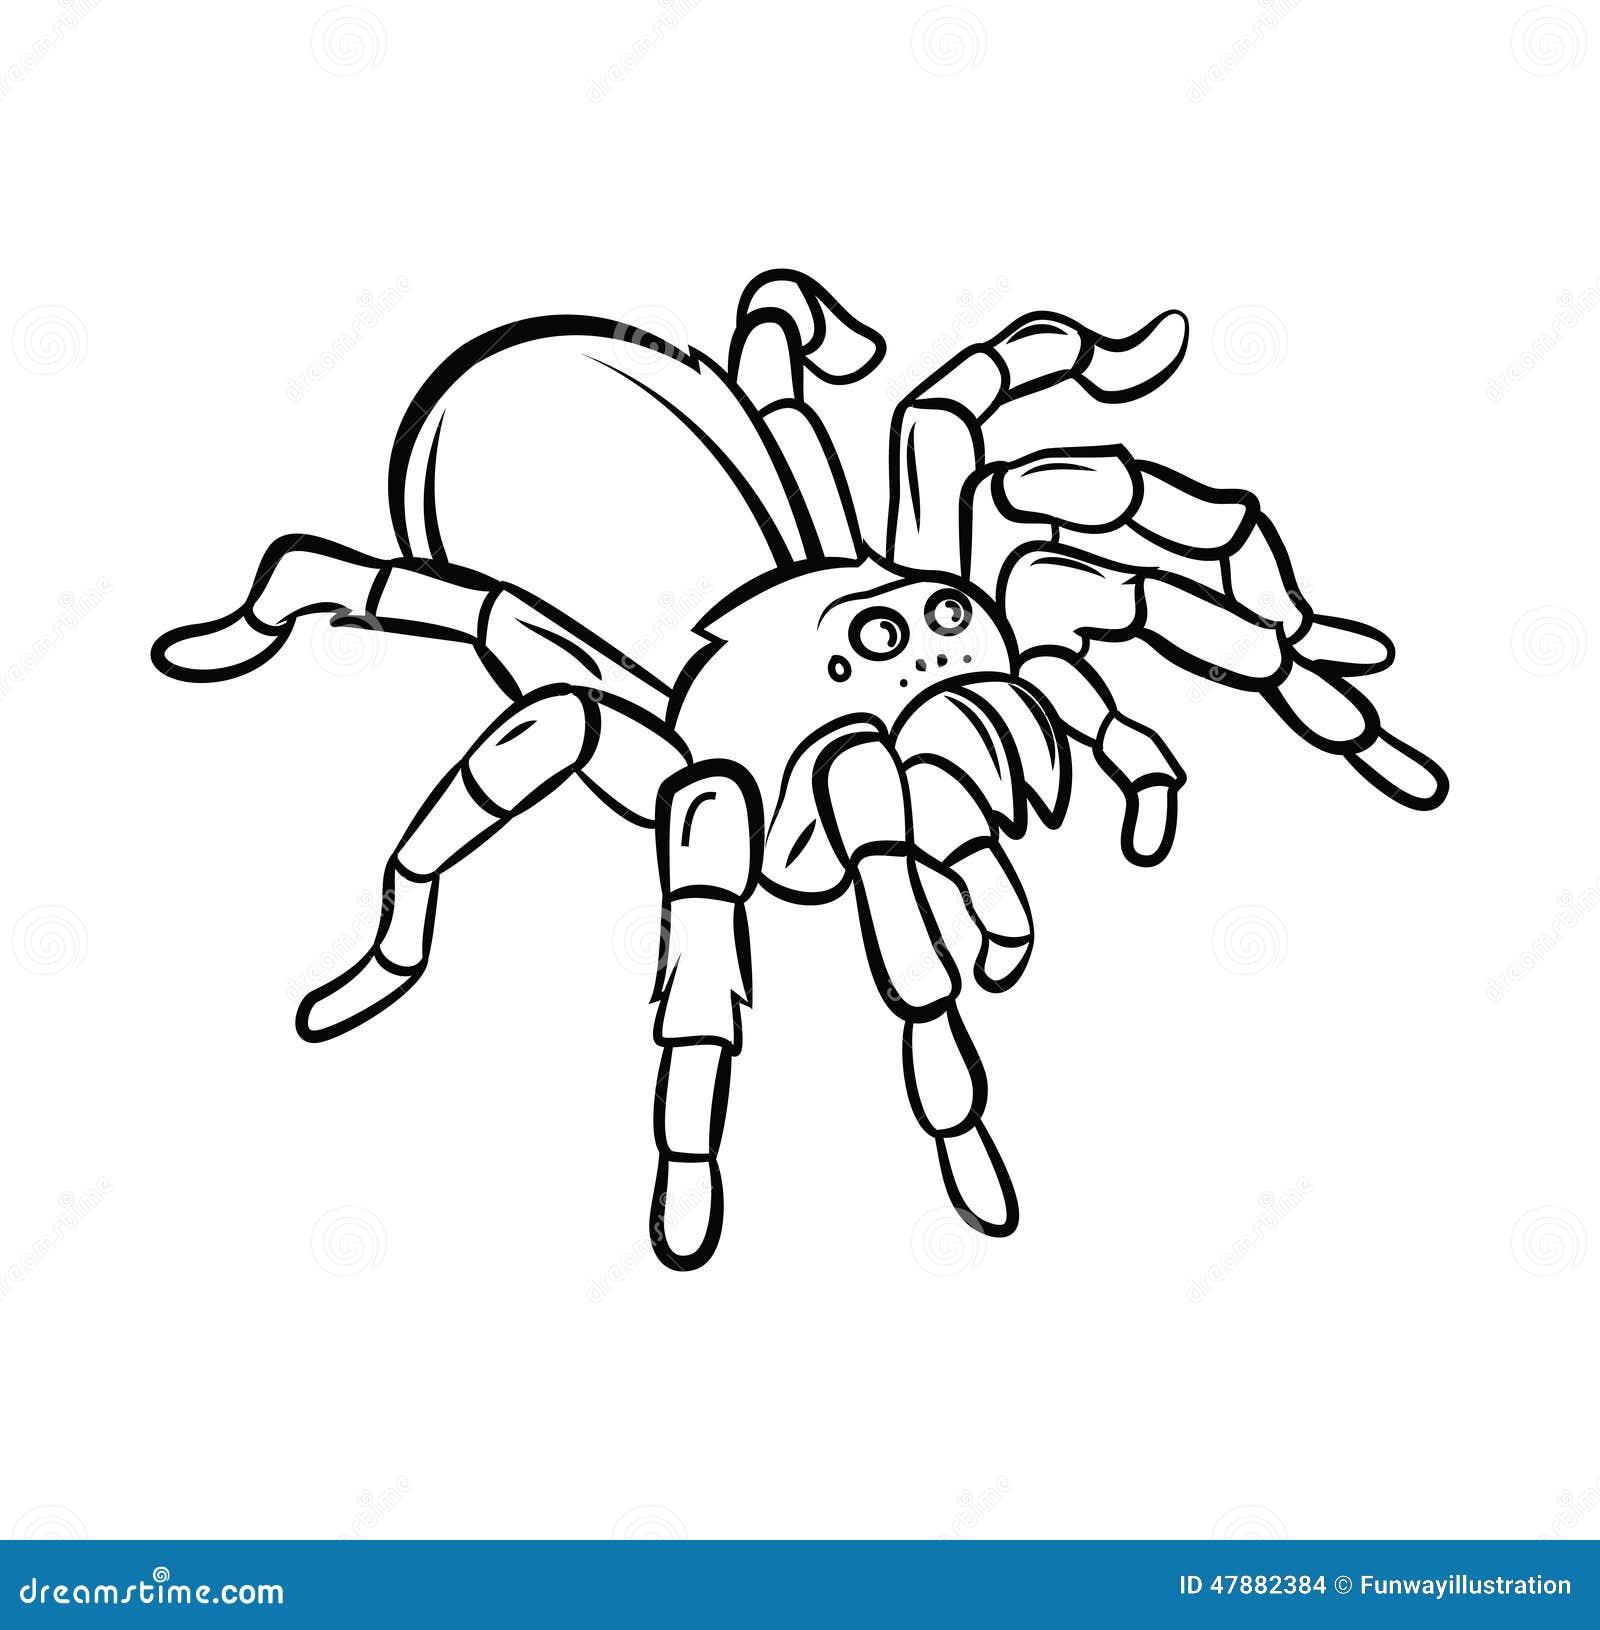 Tarantula Tattoo Stock Vector - Image: 47882384